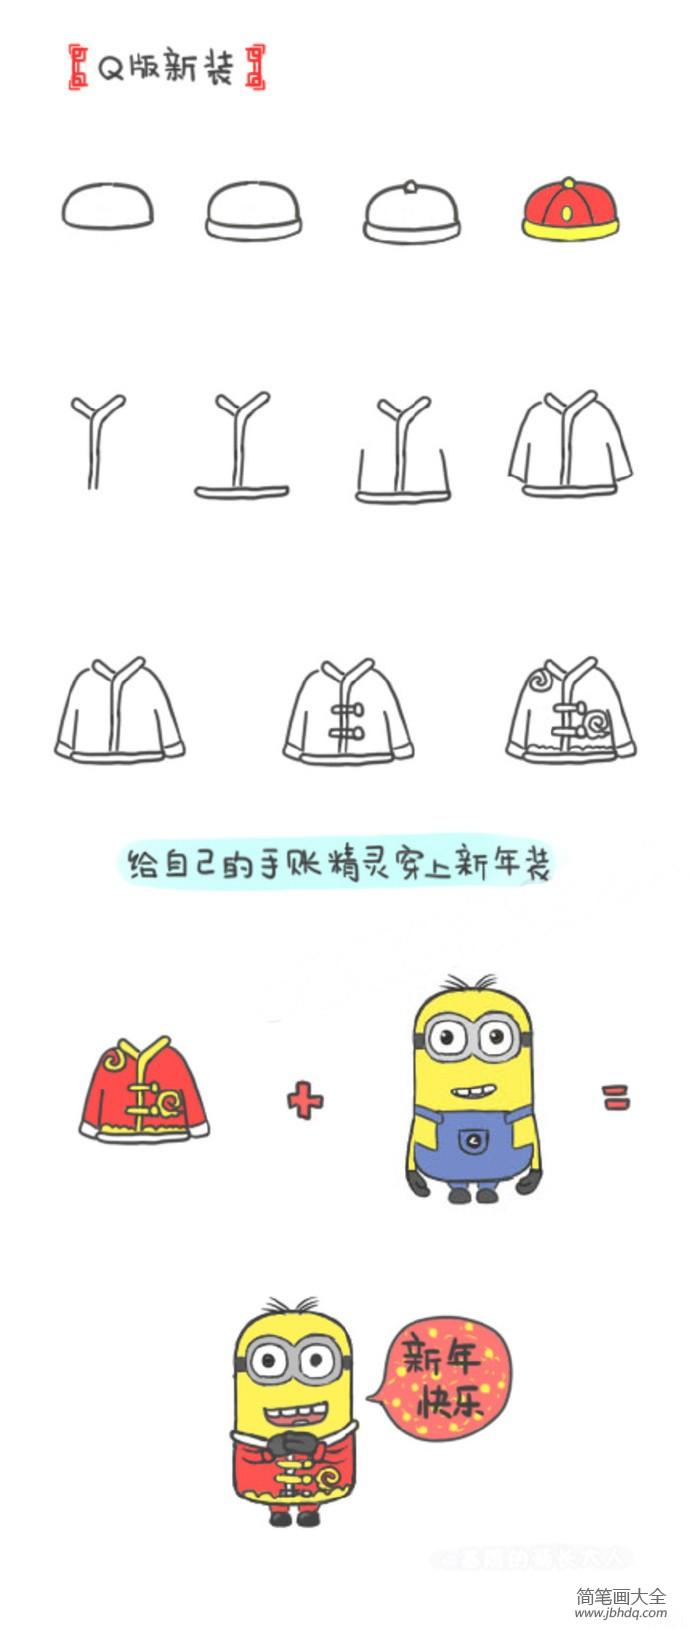 一组关于春节的简笔画素材